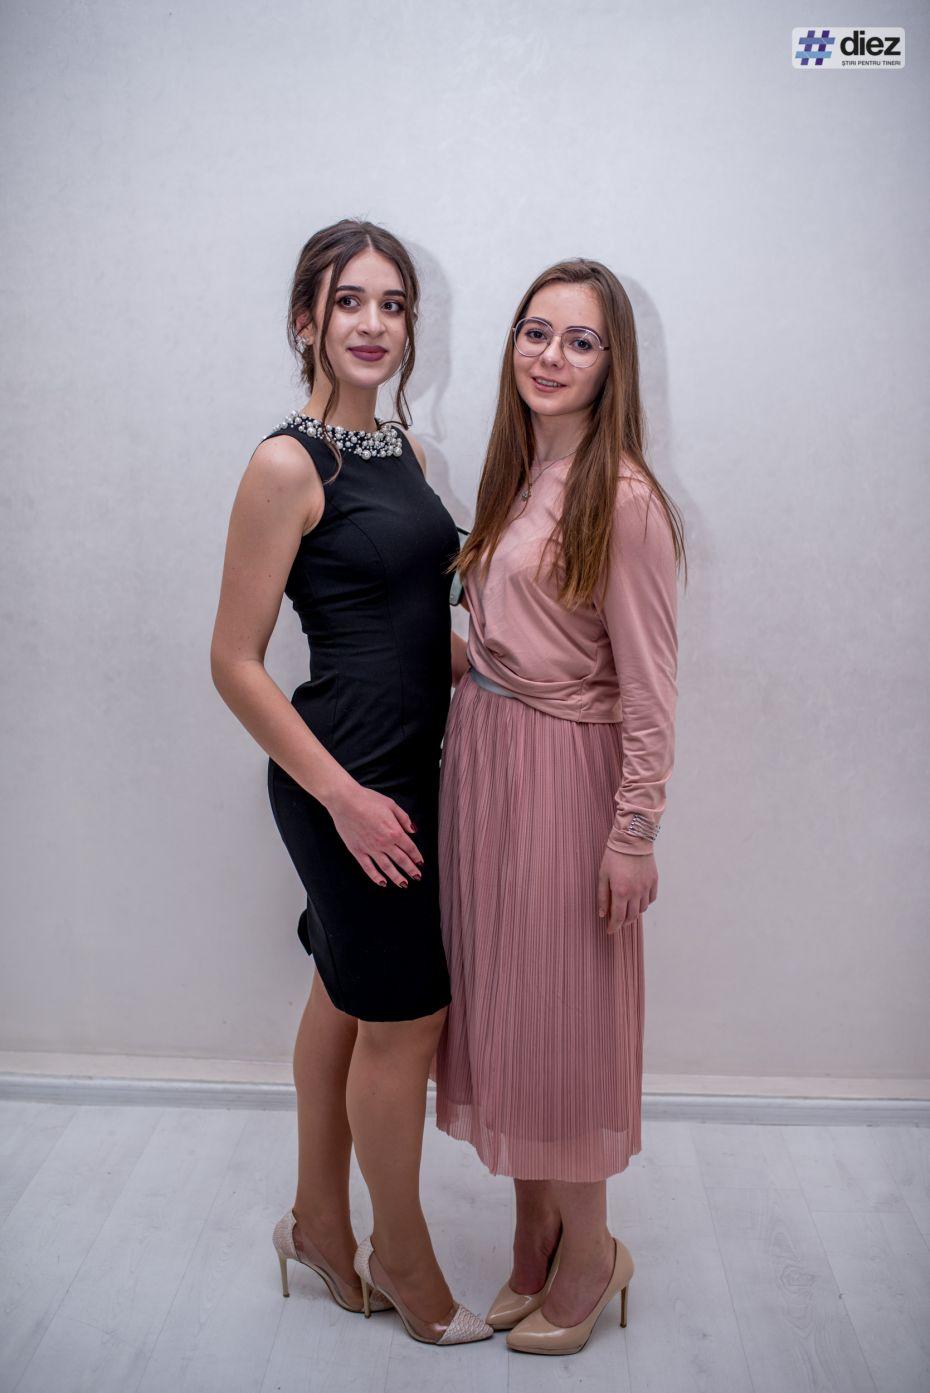 Miss asem 2019 (16)